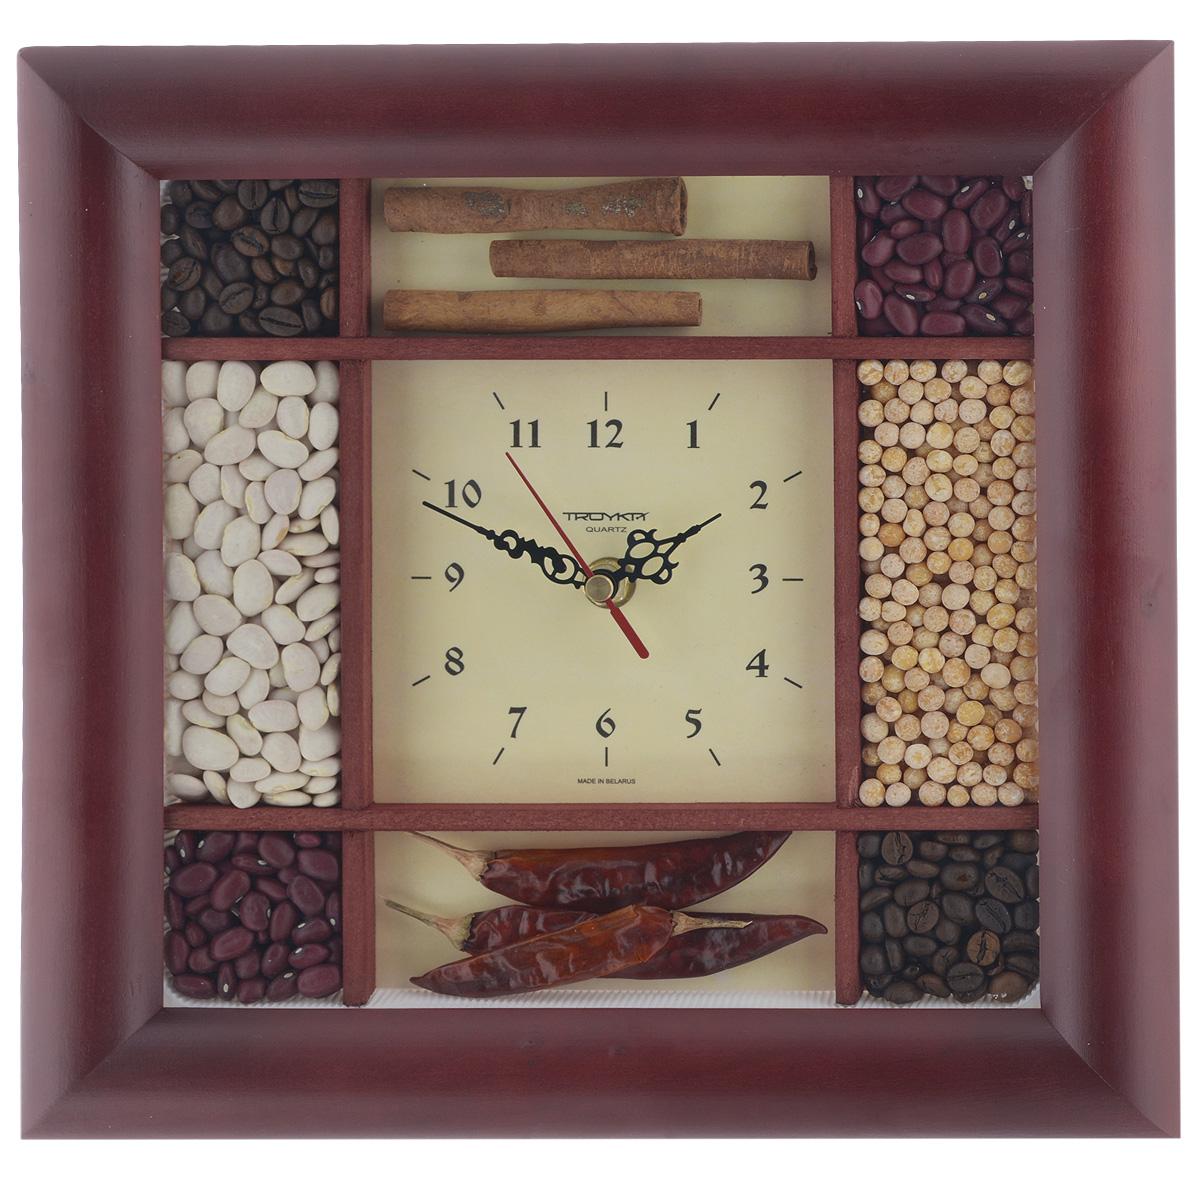 Часы настенные Troyka, цвет: светло-желтый, коричневый. 8186282881862828Настенные кварцевые часы Troyka, изготовленные из пластика, прекрасно подойдут под интерьер вашего дома. Круглые часы имеют три стрелки: часовую, минутную и секундную, циферблат имеет необычный дизайн. Он украшен семенами бобовых, таких как горох, красная и белая фасоль, а также зернами кофе, корицей и стручками перца. Циферблат защищен прозрачным пластиком. Размер часов: 29 см х 29 см. Часы работают от 1 батарейки типа АА напряжением 1,5 В (входит в комплект).